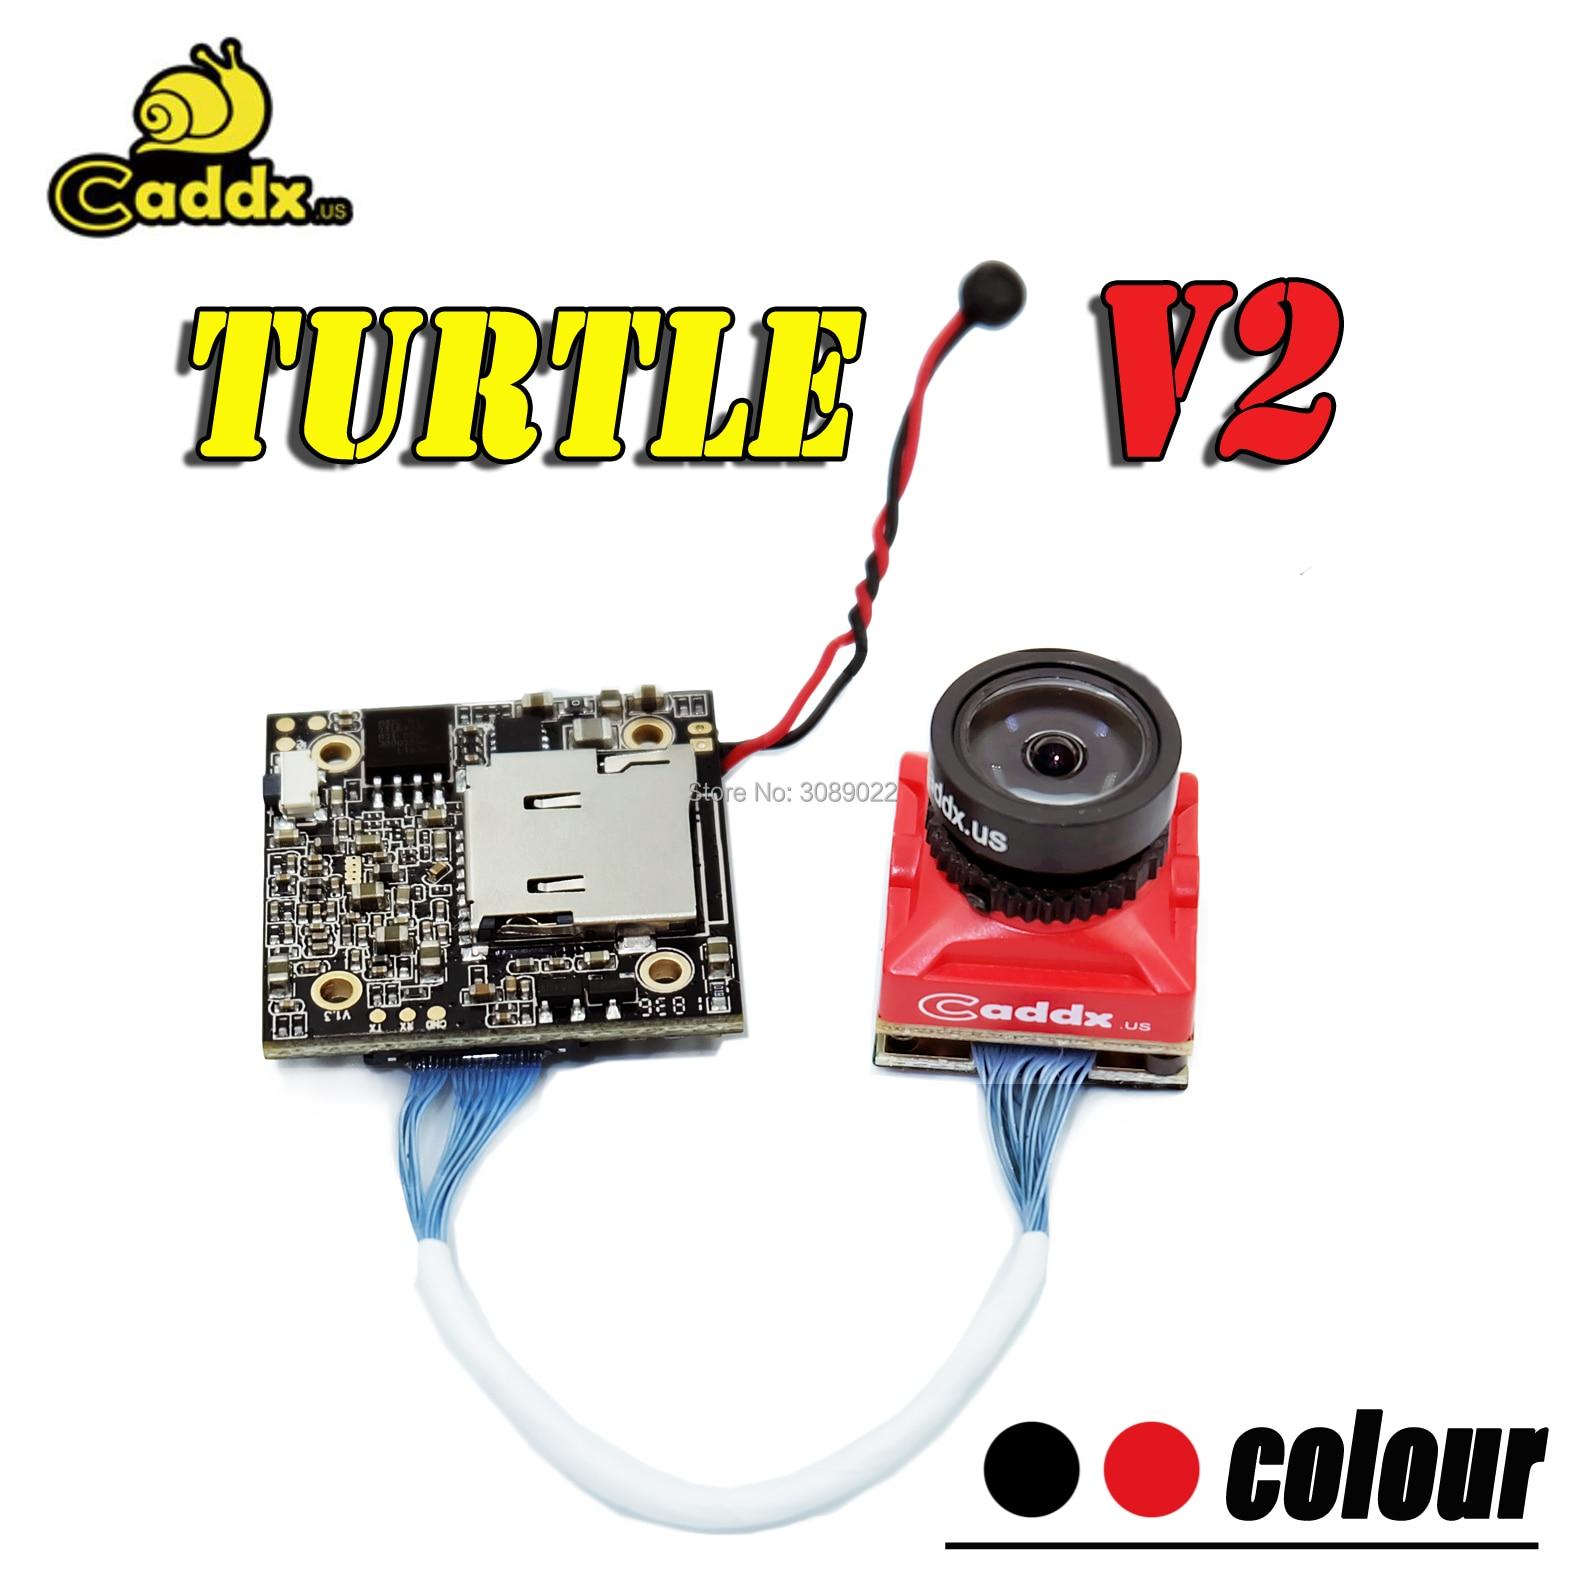 Caddx Turtlet V2 1080 P 60fps 2,7 pulgadas 800TVL HD FPV Cámara FOV 155 grado NTSC/PAL cambiante FPV cámara de Acción para drone RC-in Partes y accesorios from Juguetes y pasatiempos    1